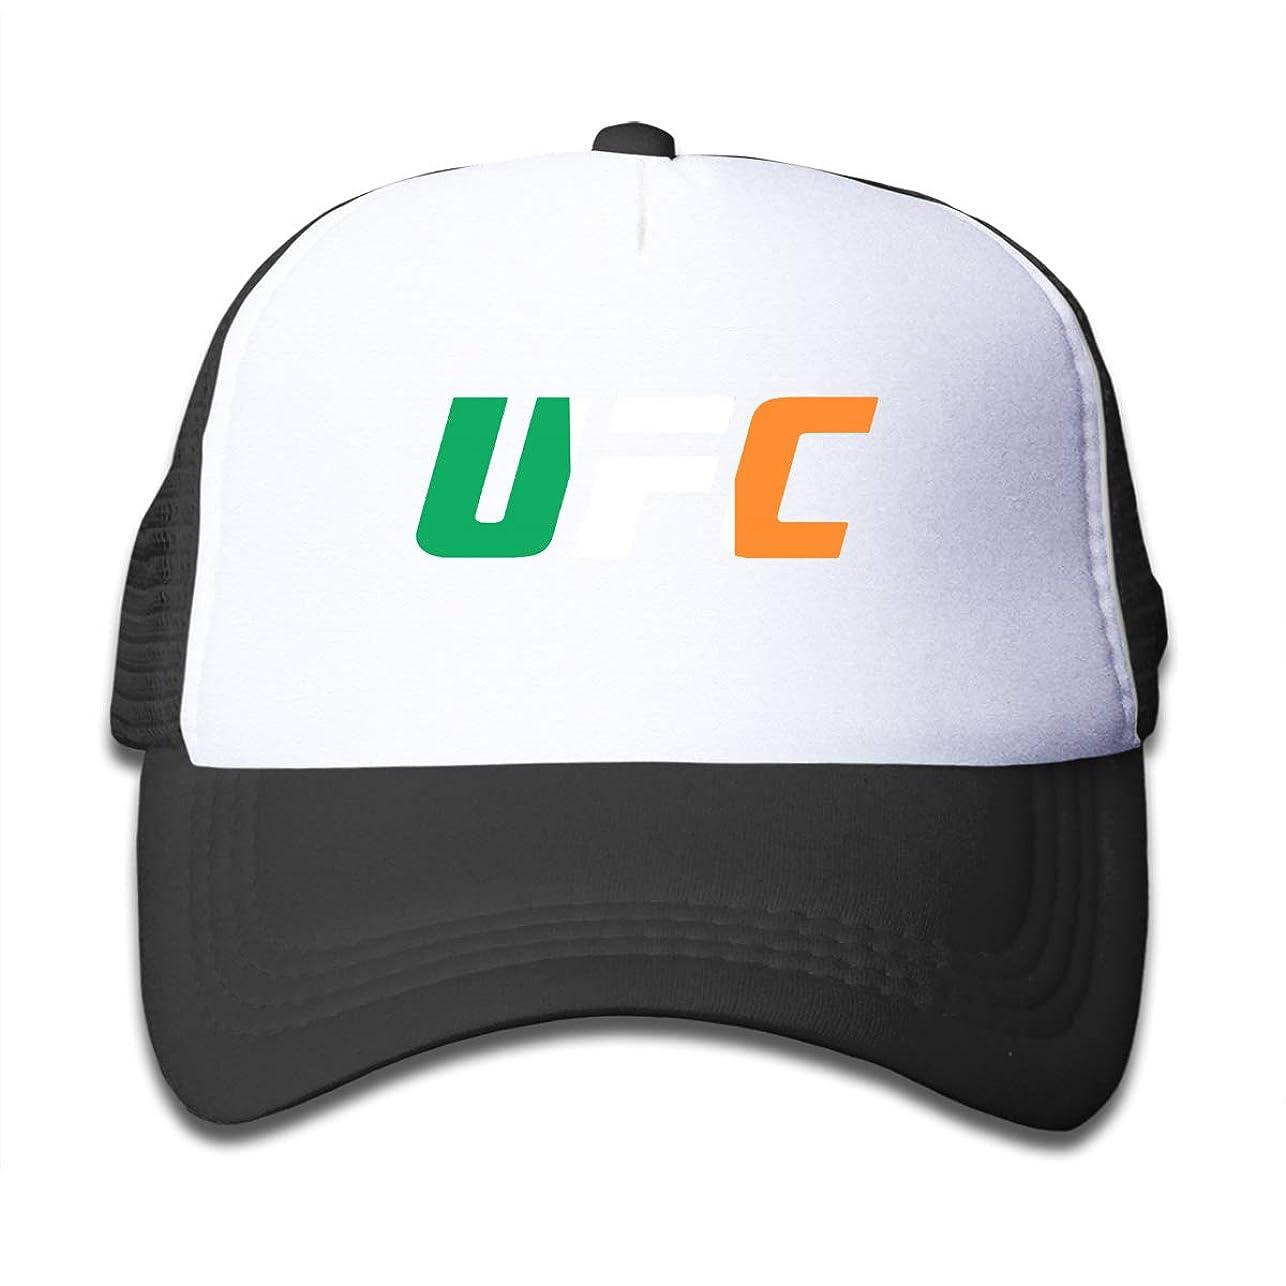 興味フォアタイプ接触総合格闘技 メッシュキャップ キッズ スポーツ帽子 調整可能 野球 遠足 運転 アウトドアなど 速乾性 通気 学生 オールシーズン適用 子供の帽子 日焼け防止